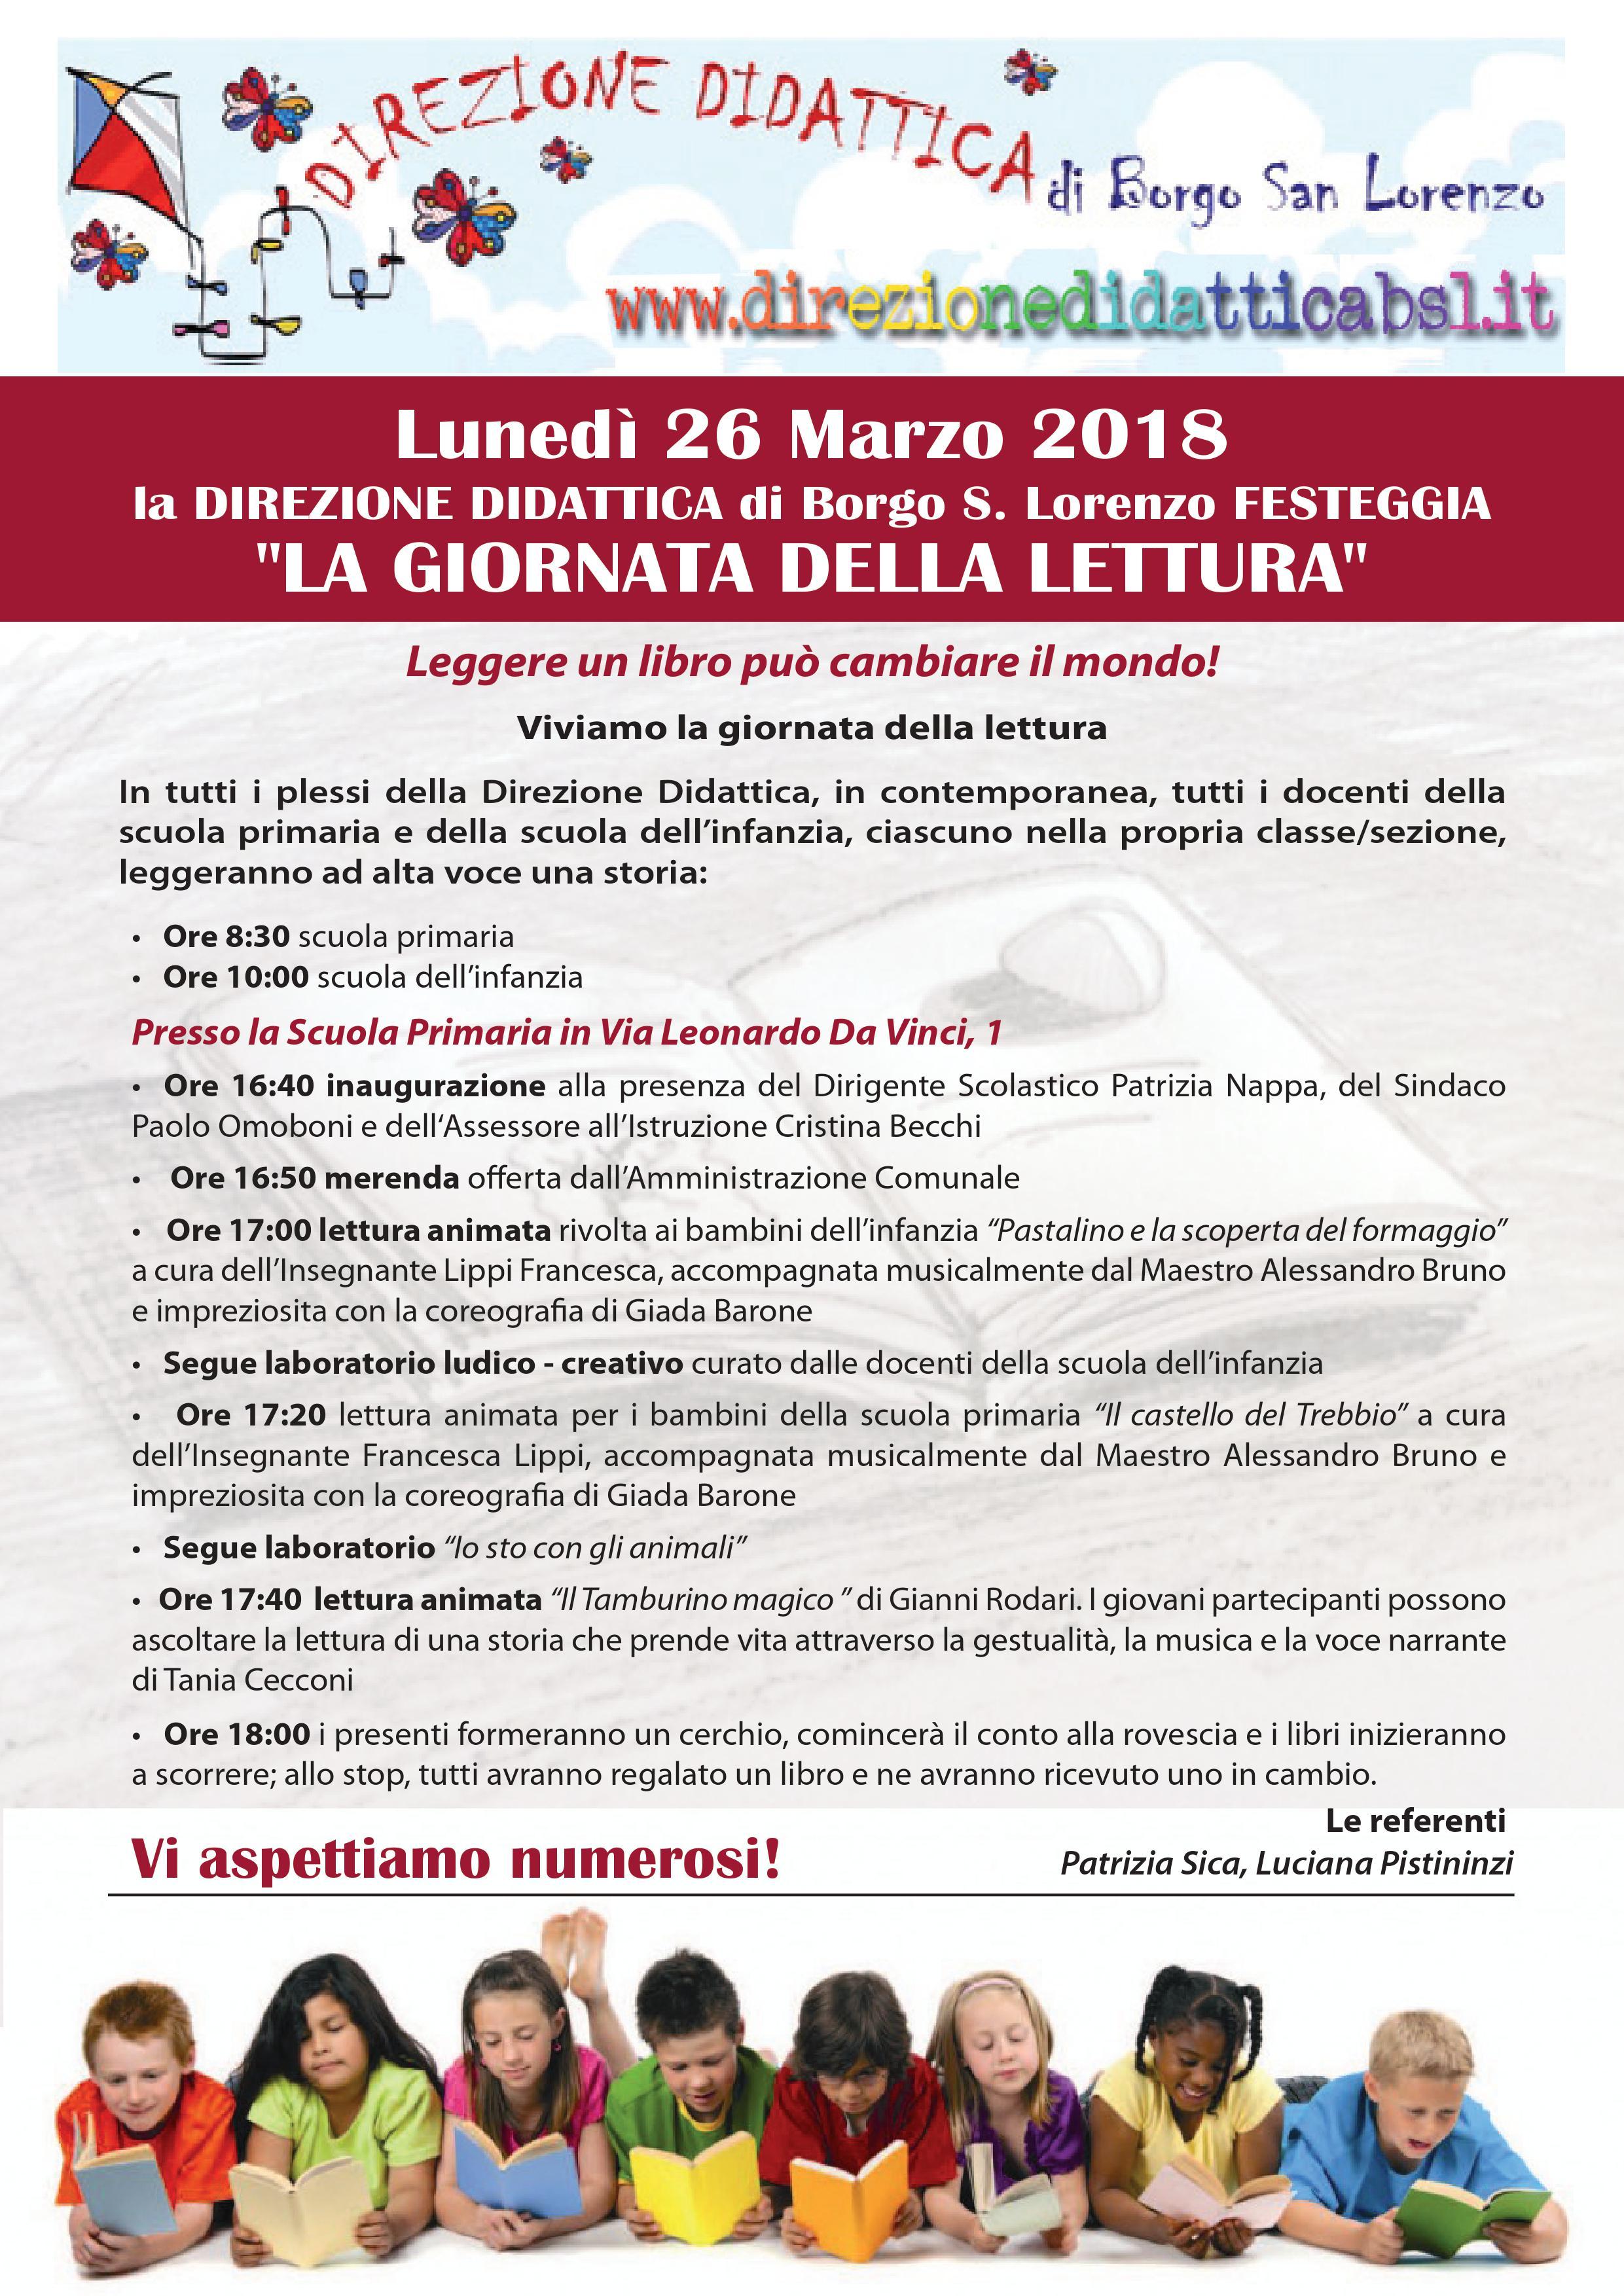 """Il 26 marzo  Borgo S.Lorenzo festeggia la """"Giornata della lettura"""" presso la Direzione Didattica"""